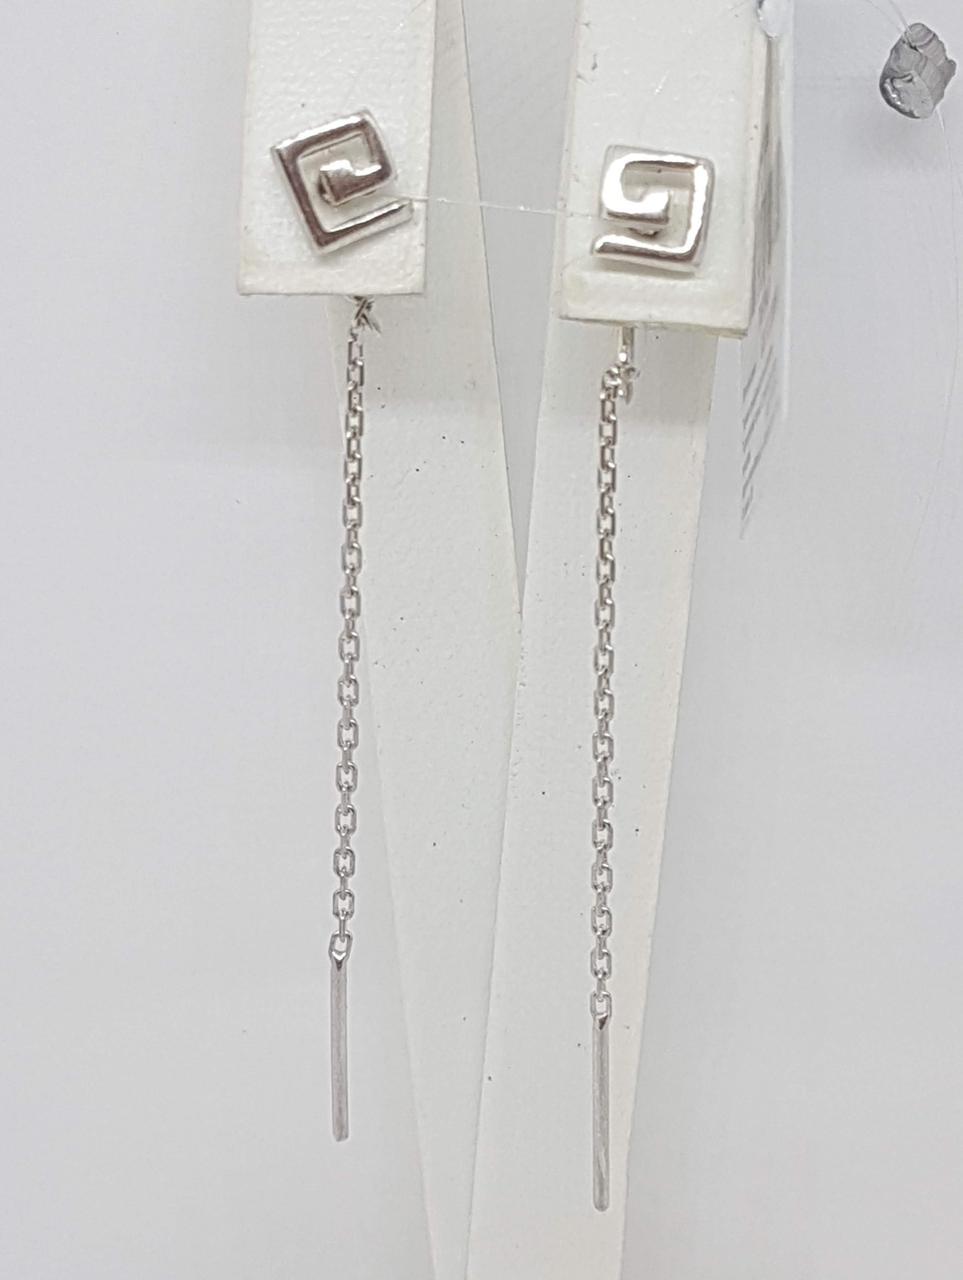 Срібні сережки-протяжки. Артикул 3524281400В